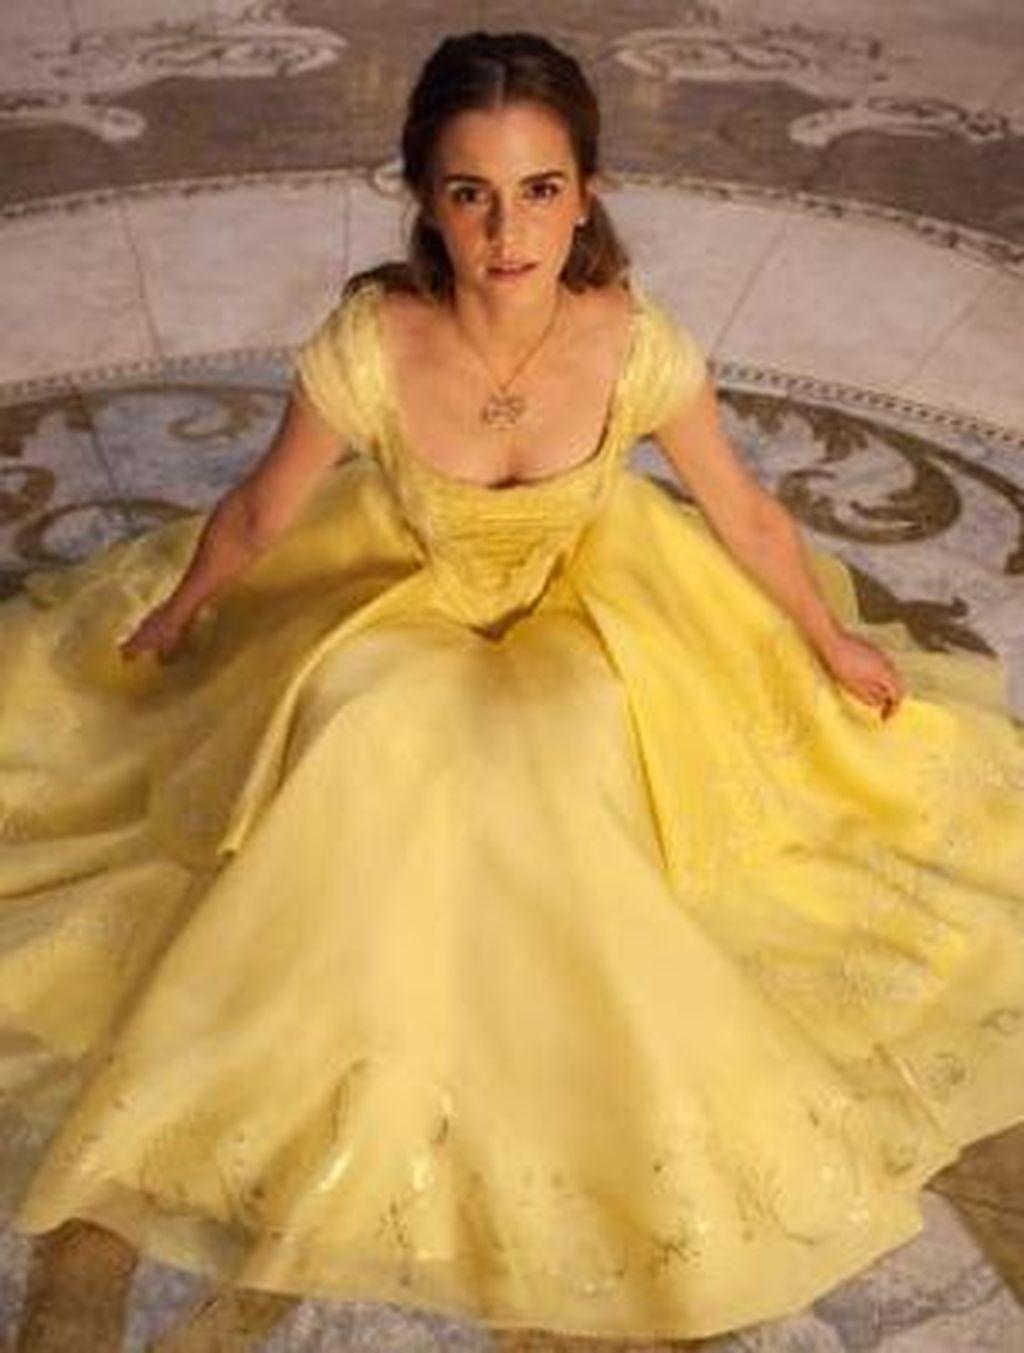 Kalung Belle di Beauty and the Beast Dijual Rp 4,7 Juta, Tertarik?